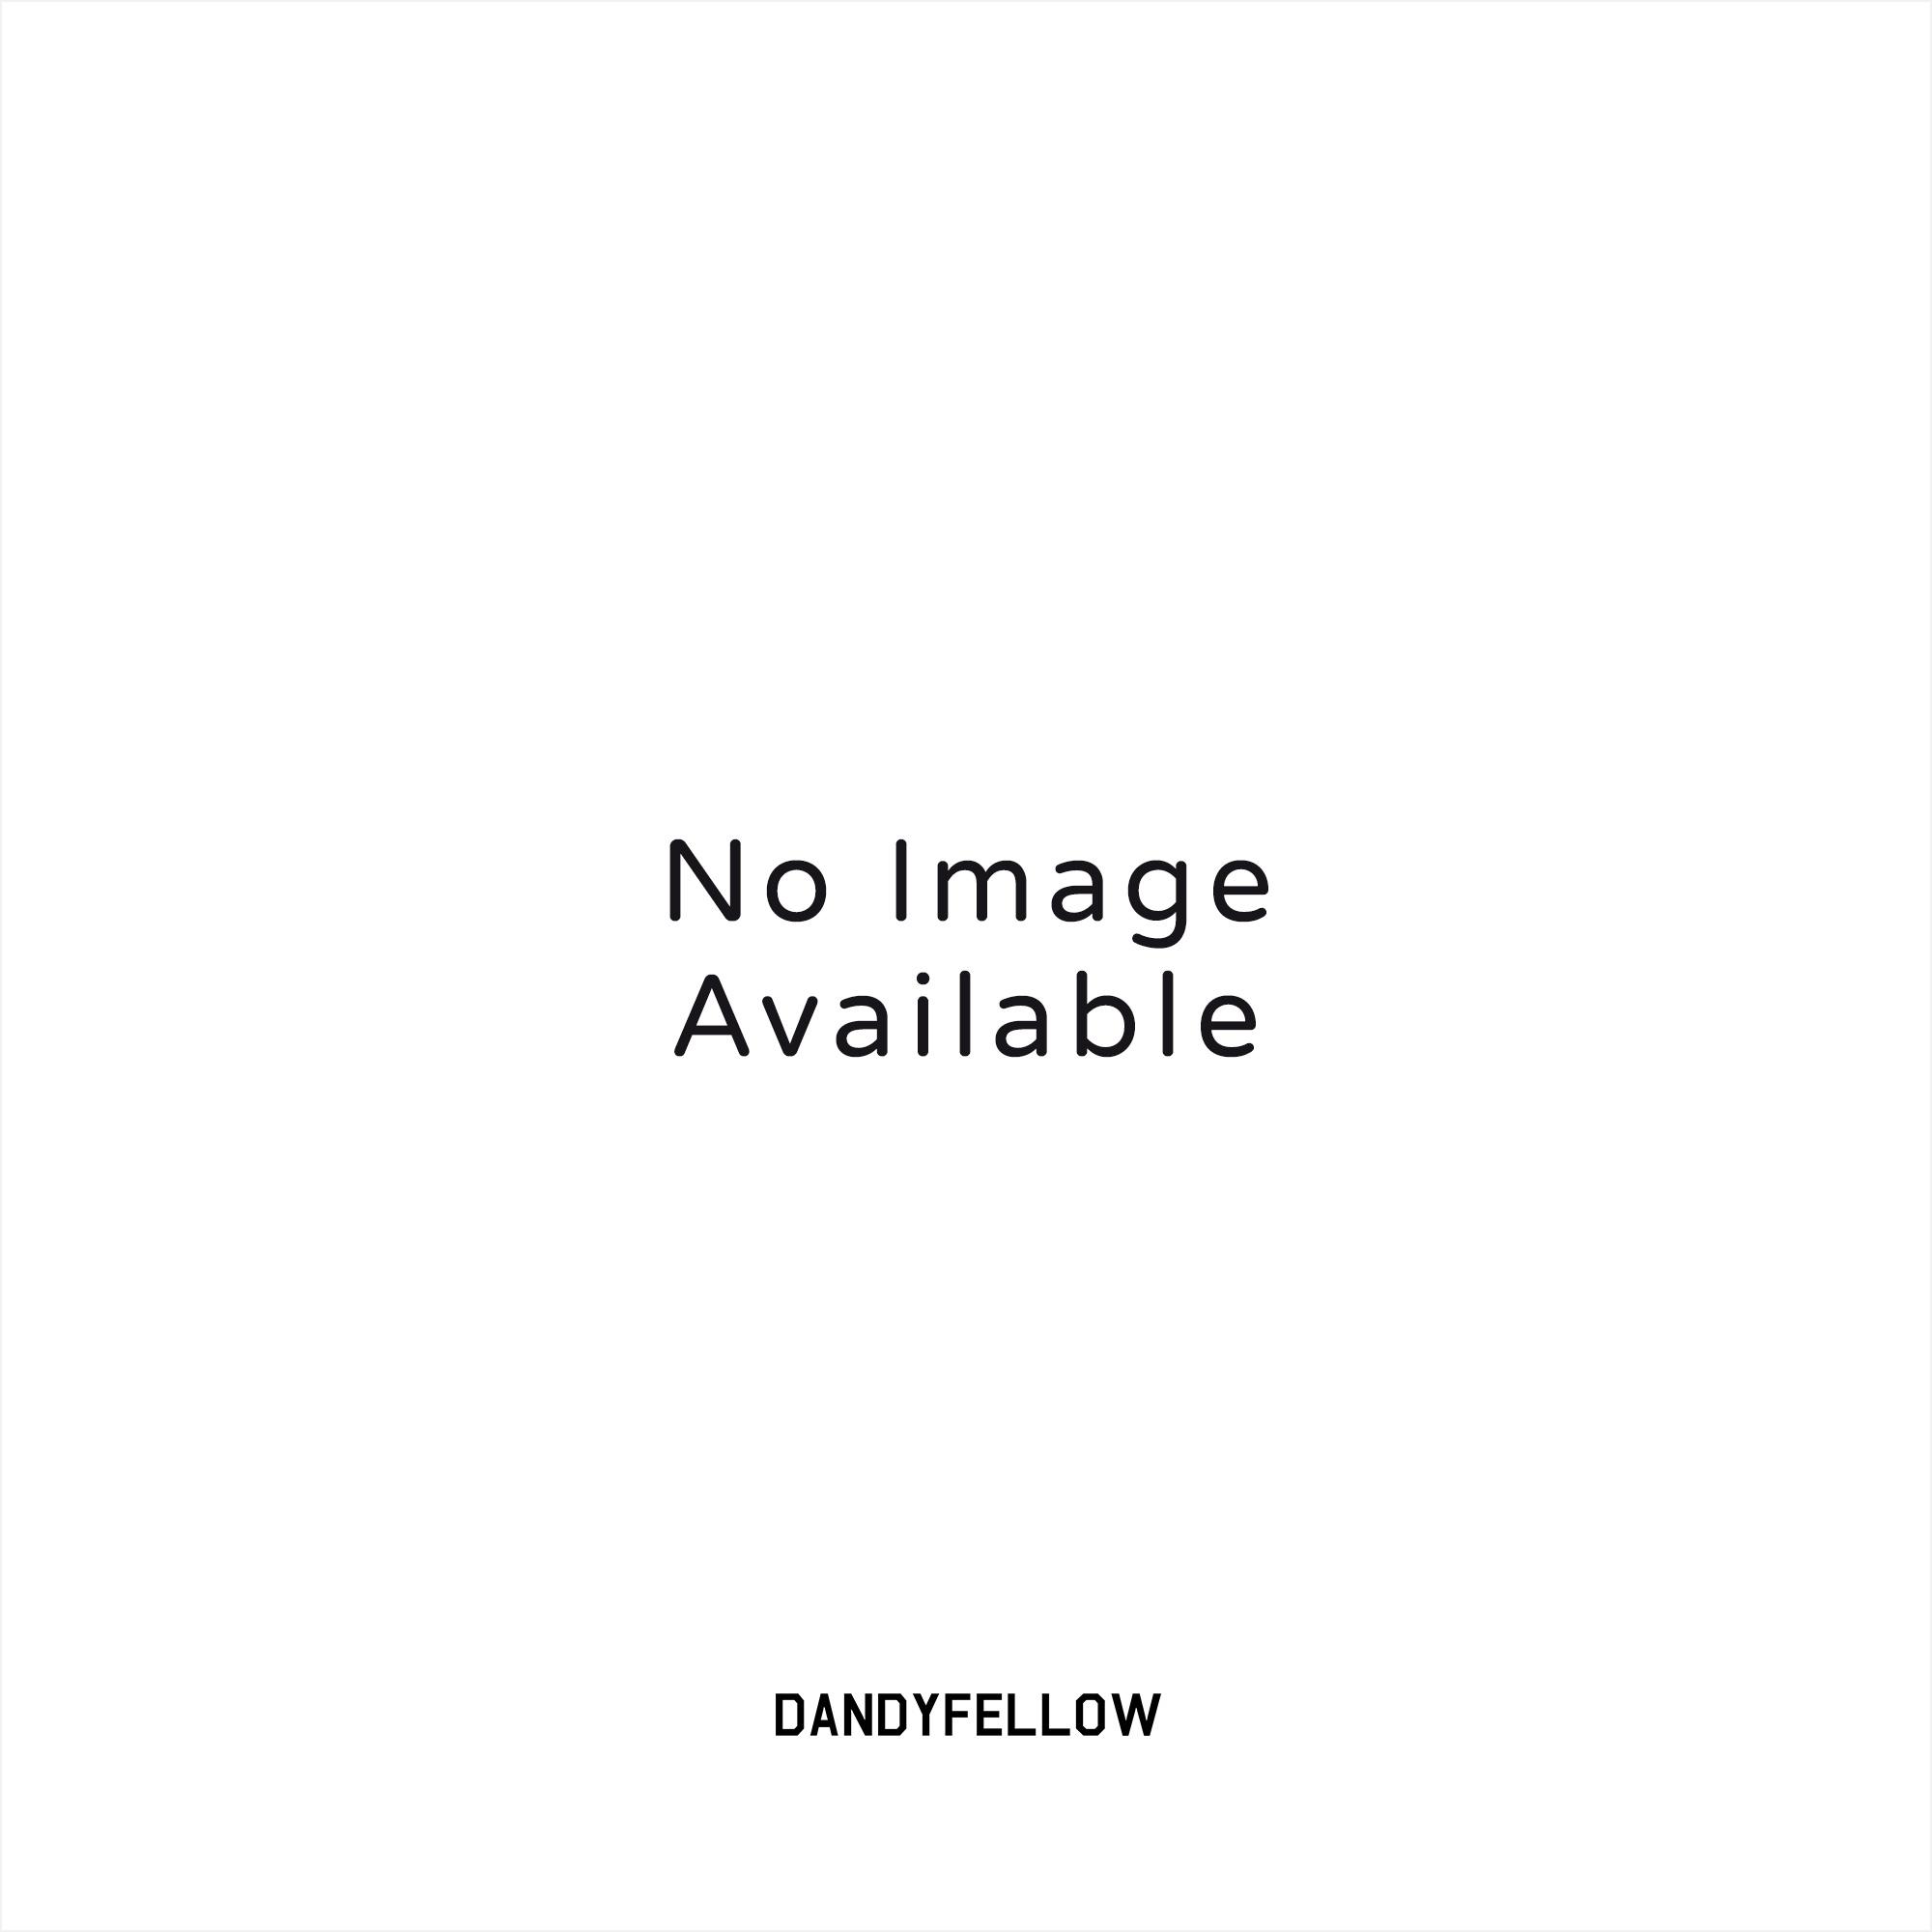 Fred Perry Bradley Wiggins Canvas Grip Black Holdall L9217